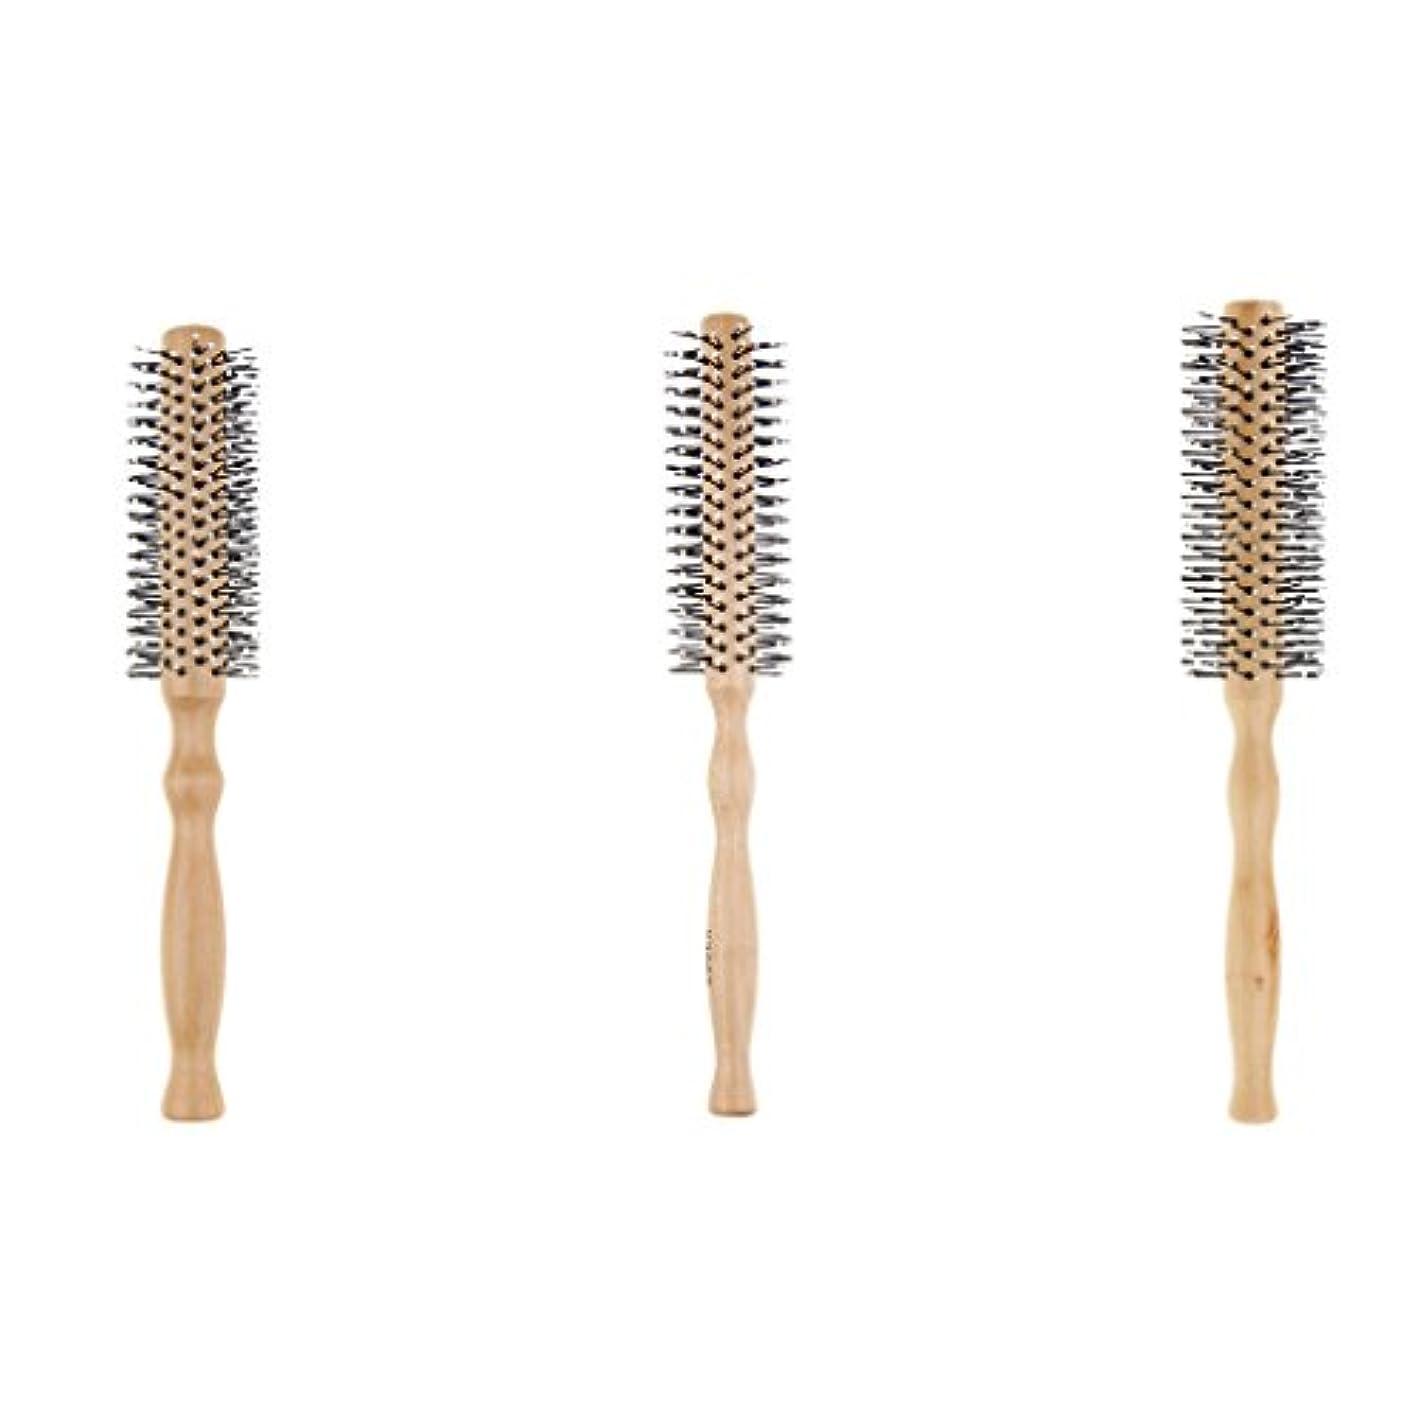 優しいフェローシップ欠点3本 ヘアブラシ ロールブラシ ヘアスタイリング 巻き髪 木製 波状 カール